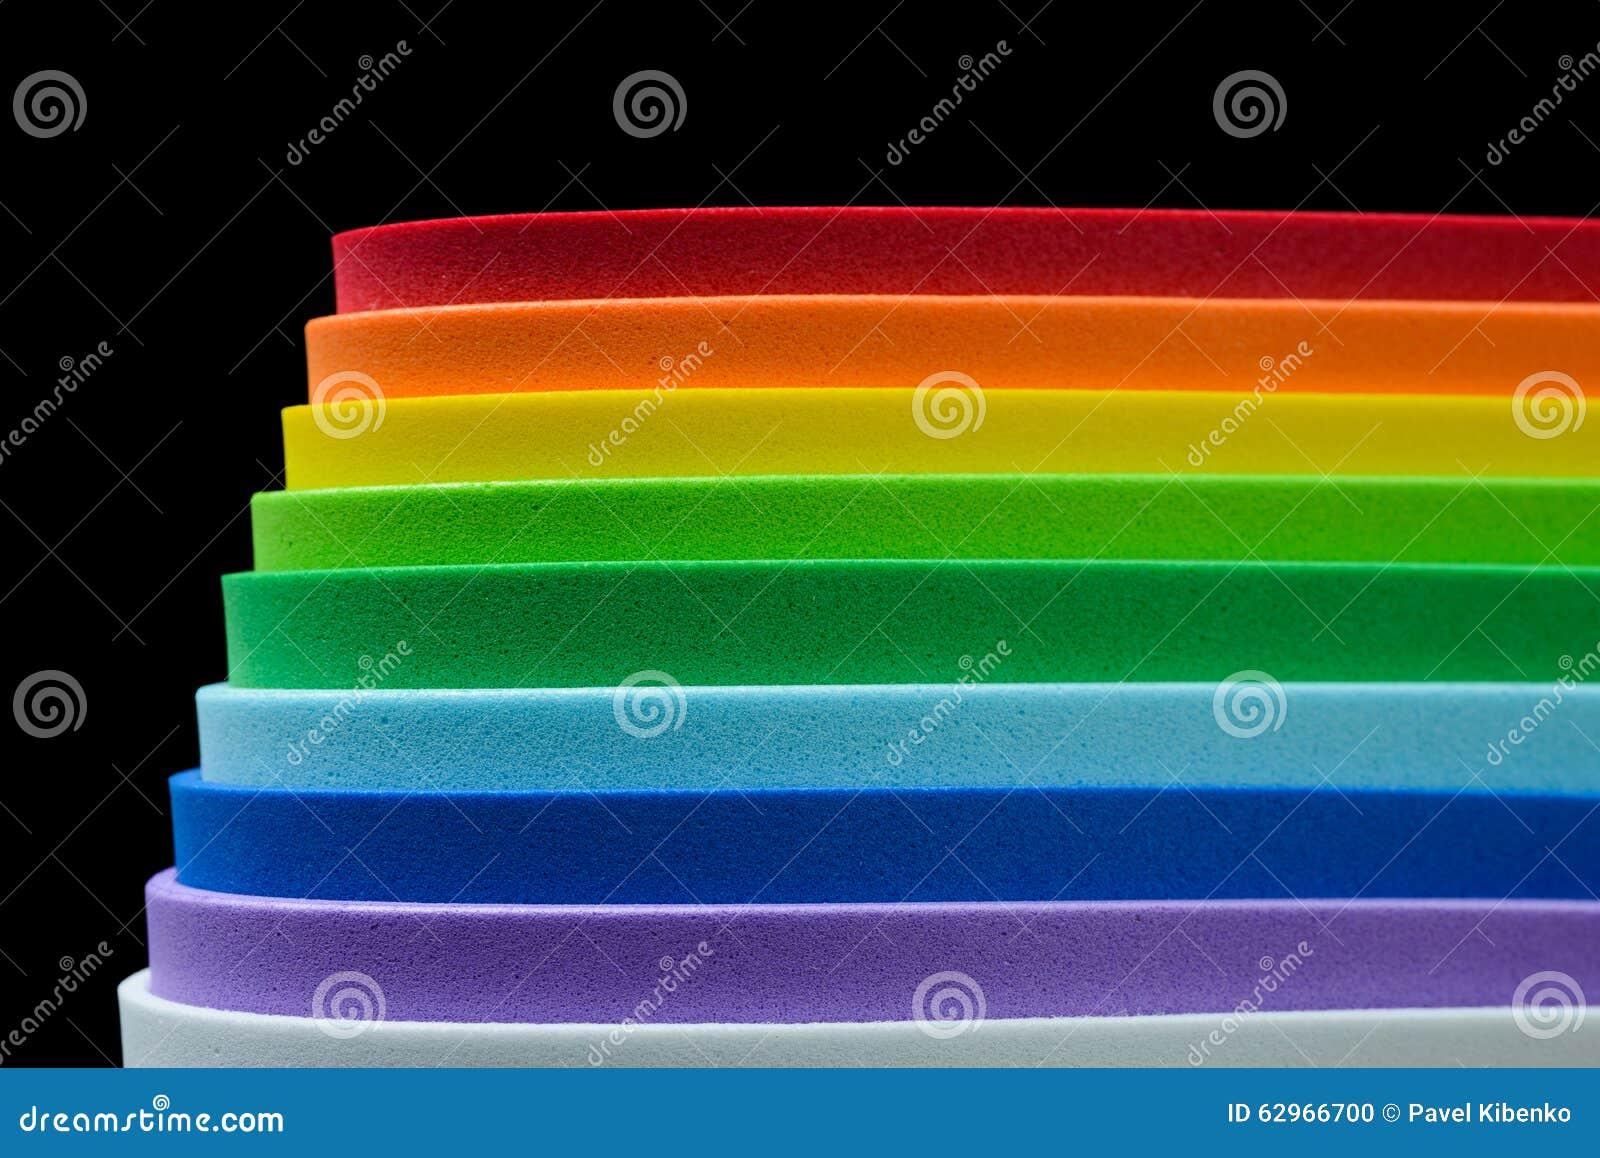 Iriserende kleuren van cellulair rubber